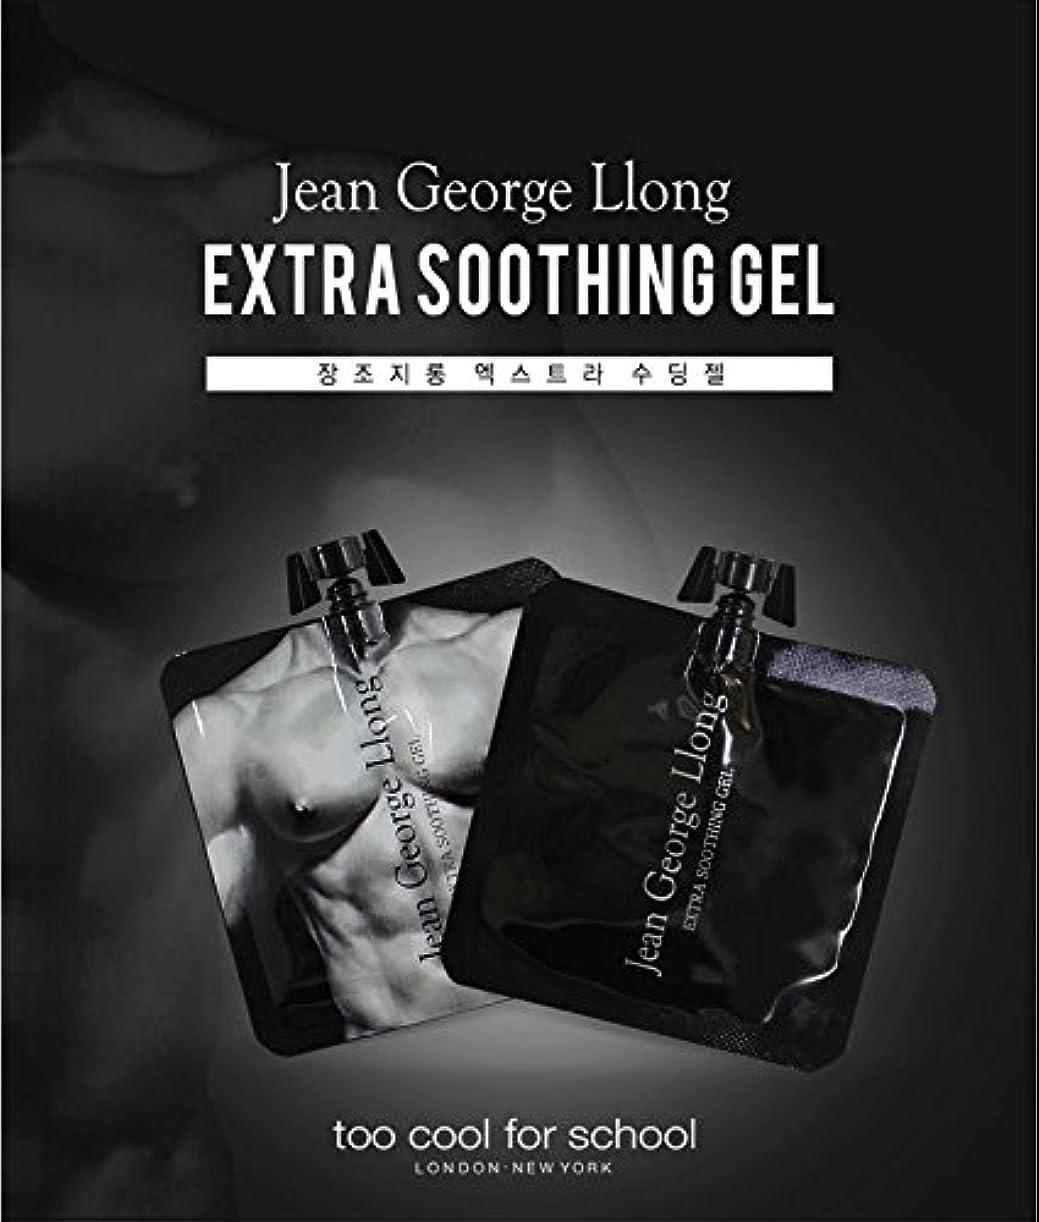 逮捕円形のスキーtoo cool for school Jean George Llong EXTRA SOOTHING GEL 20ml x 3